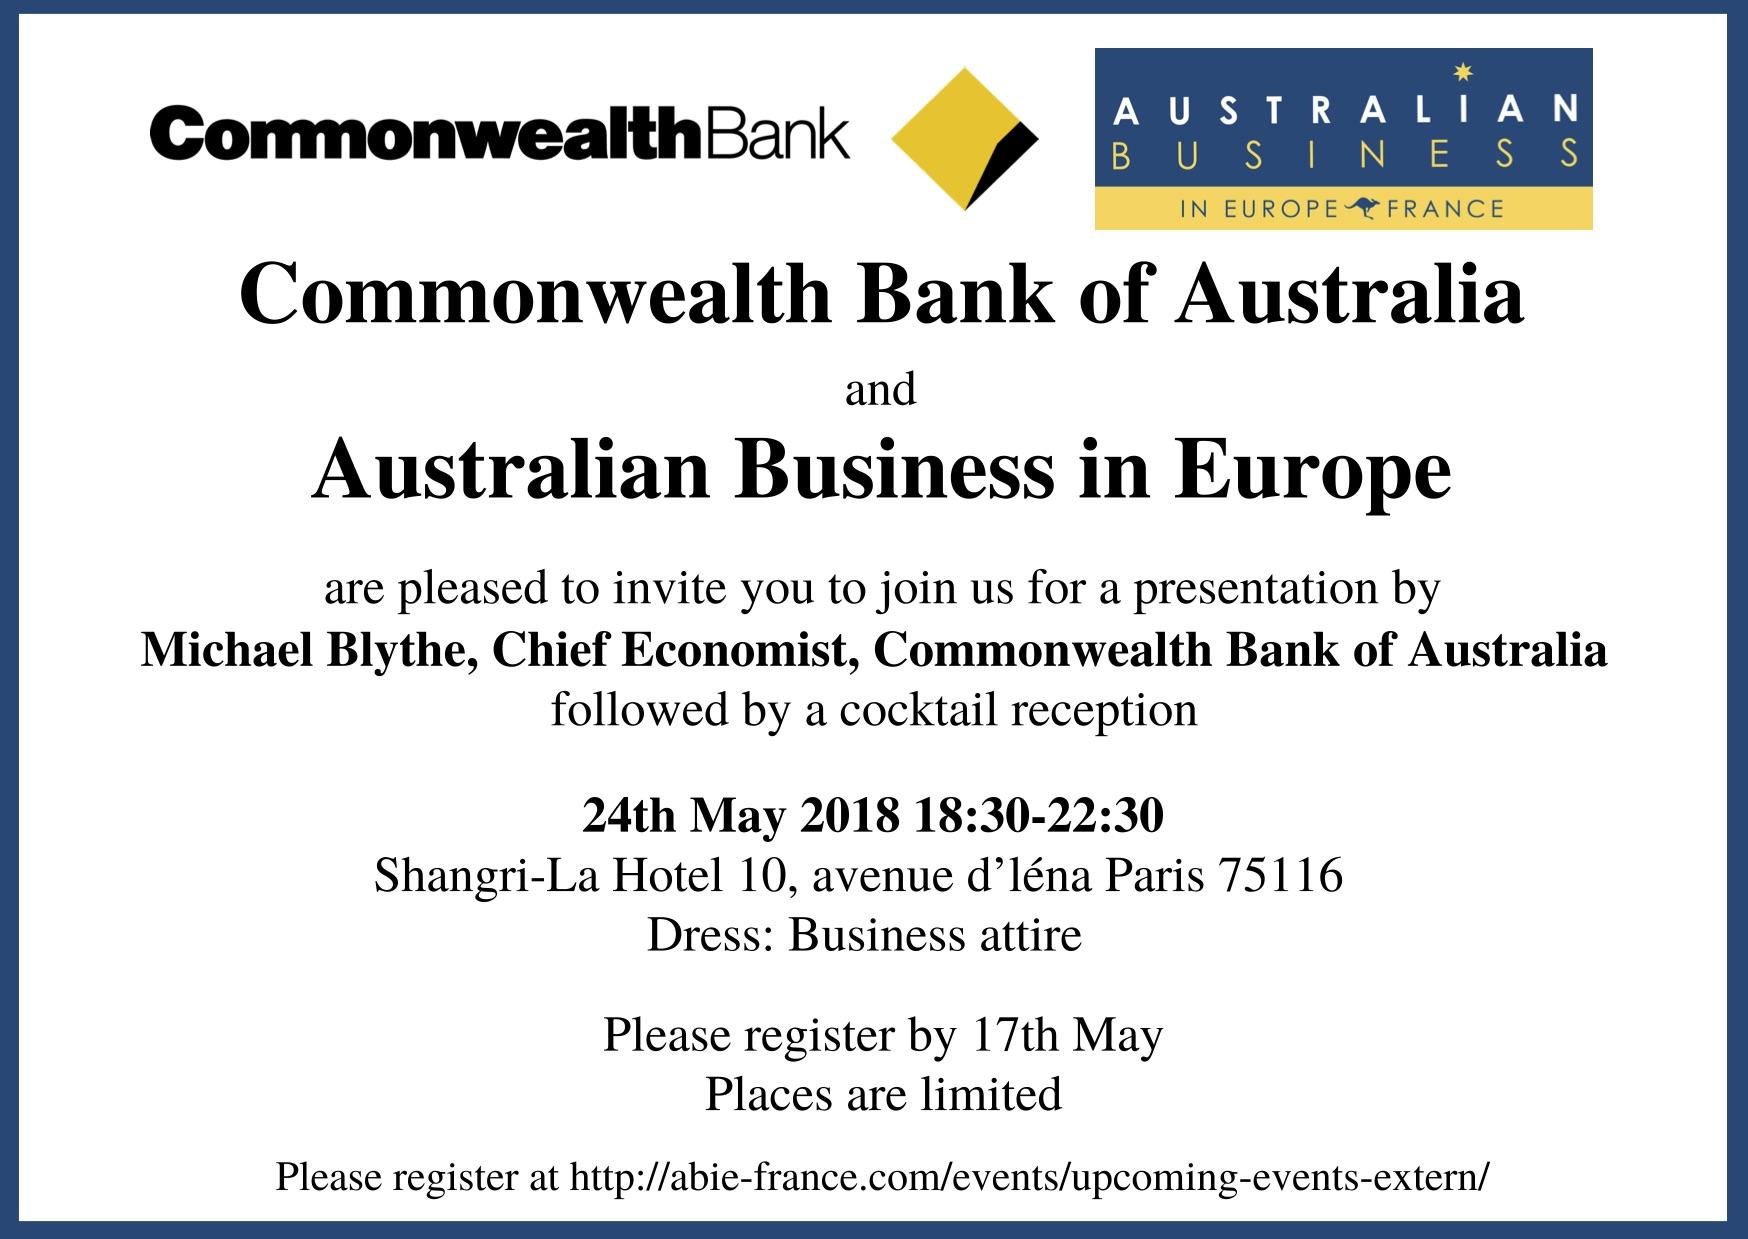 CBA 24.05.2018 Invitation.jpg